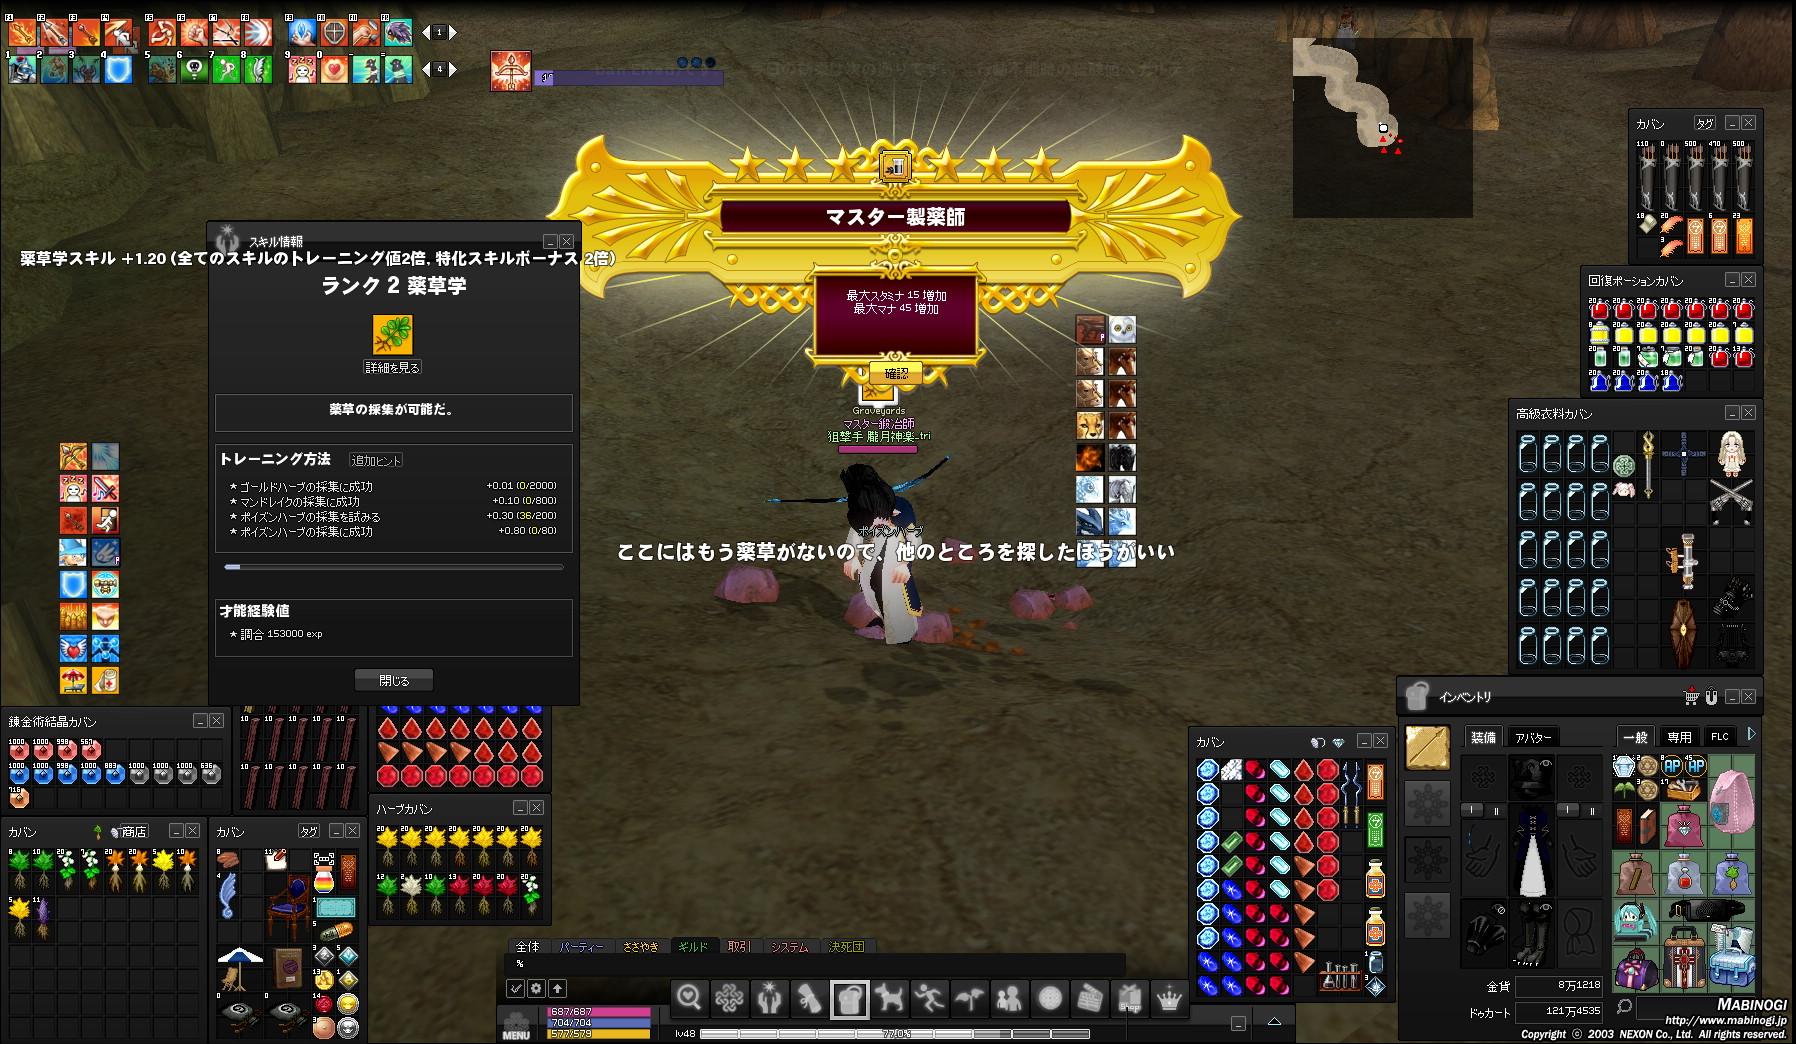 mabinogi_2016_01_08_002.jpg